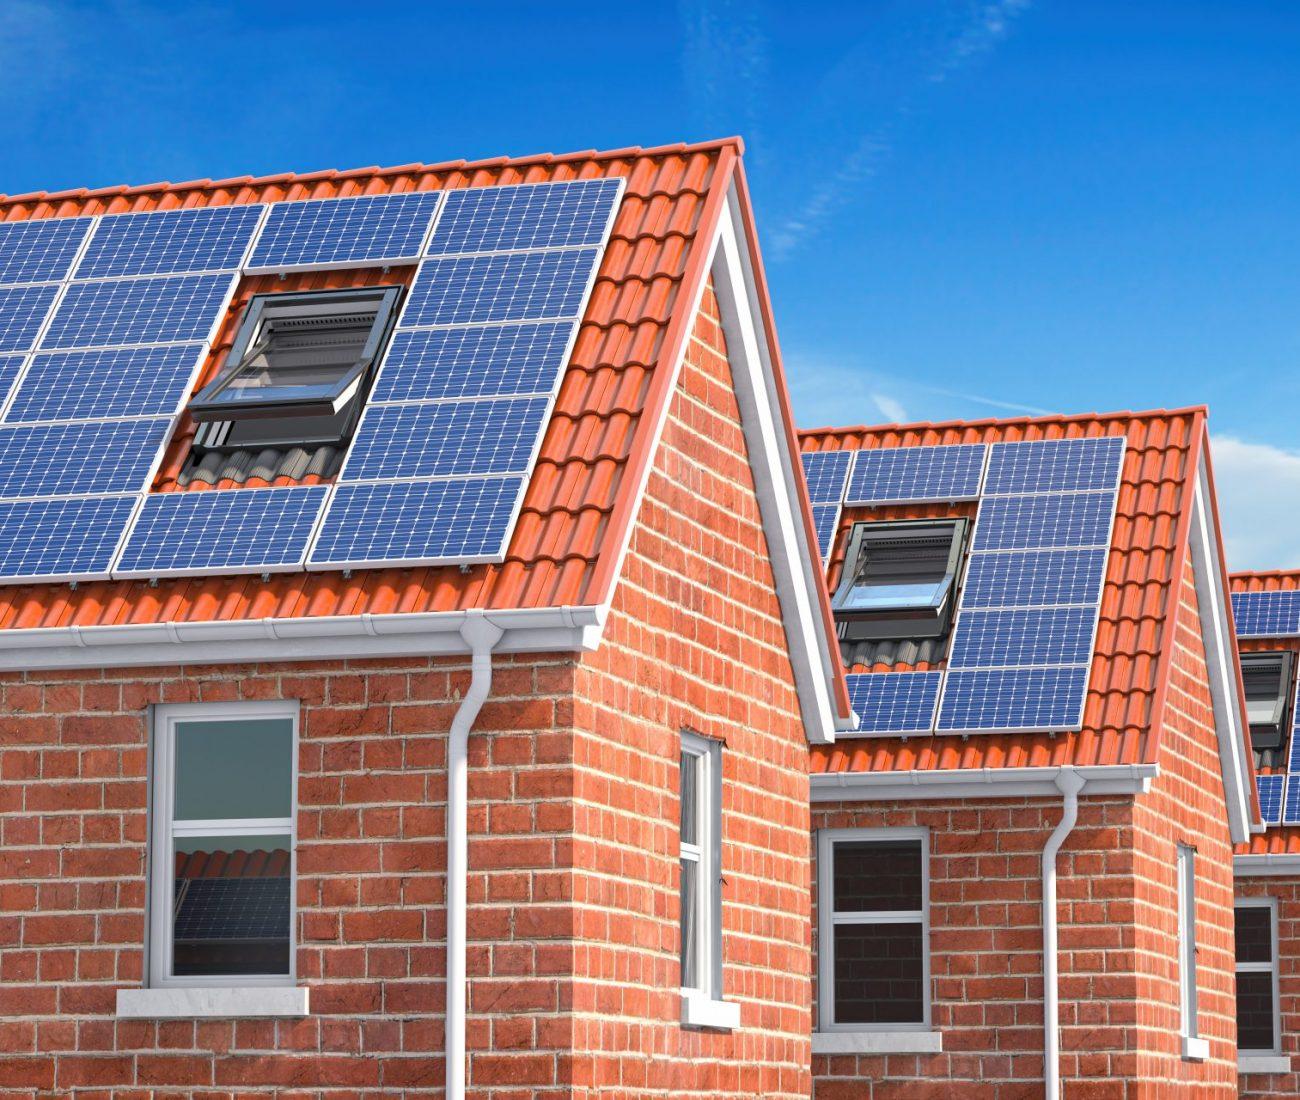 energielabel duurder?